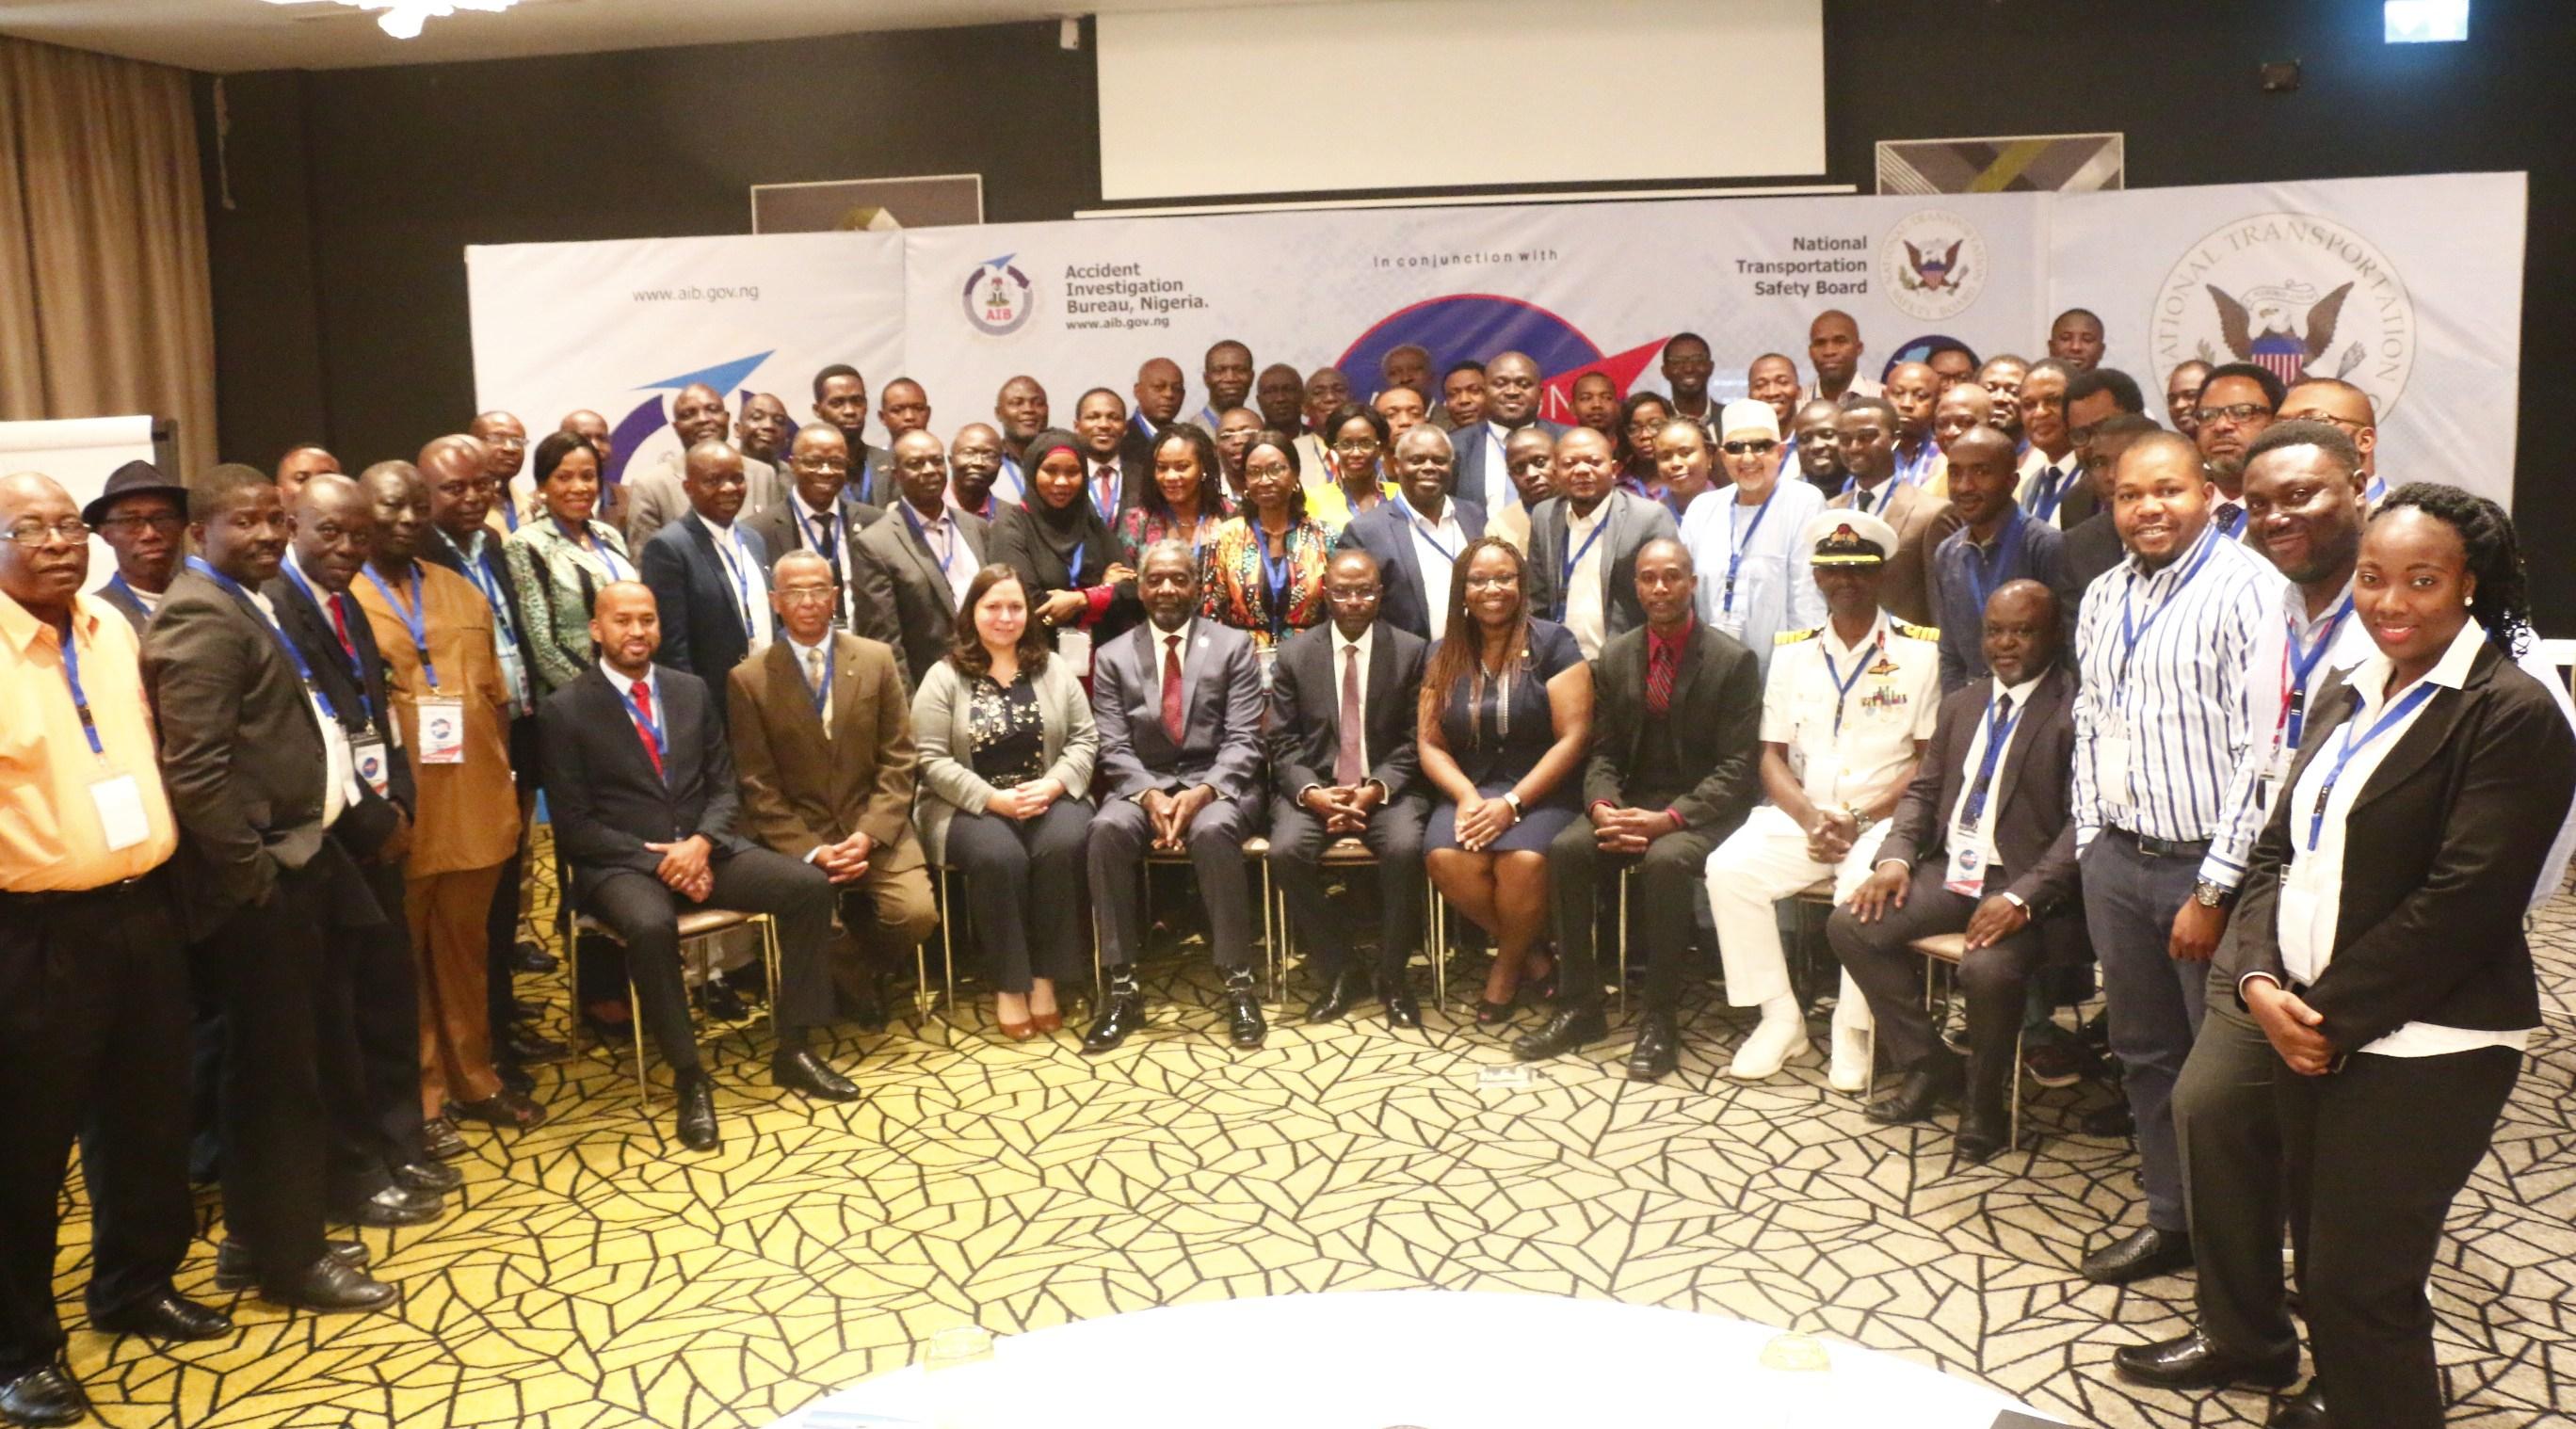 August 2019 Safe Skies for Africa symposium, Lagos, Nigeria